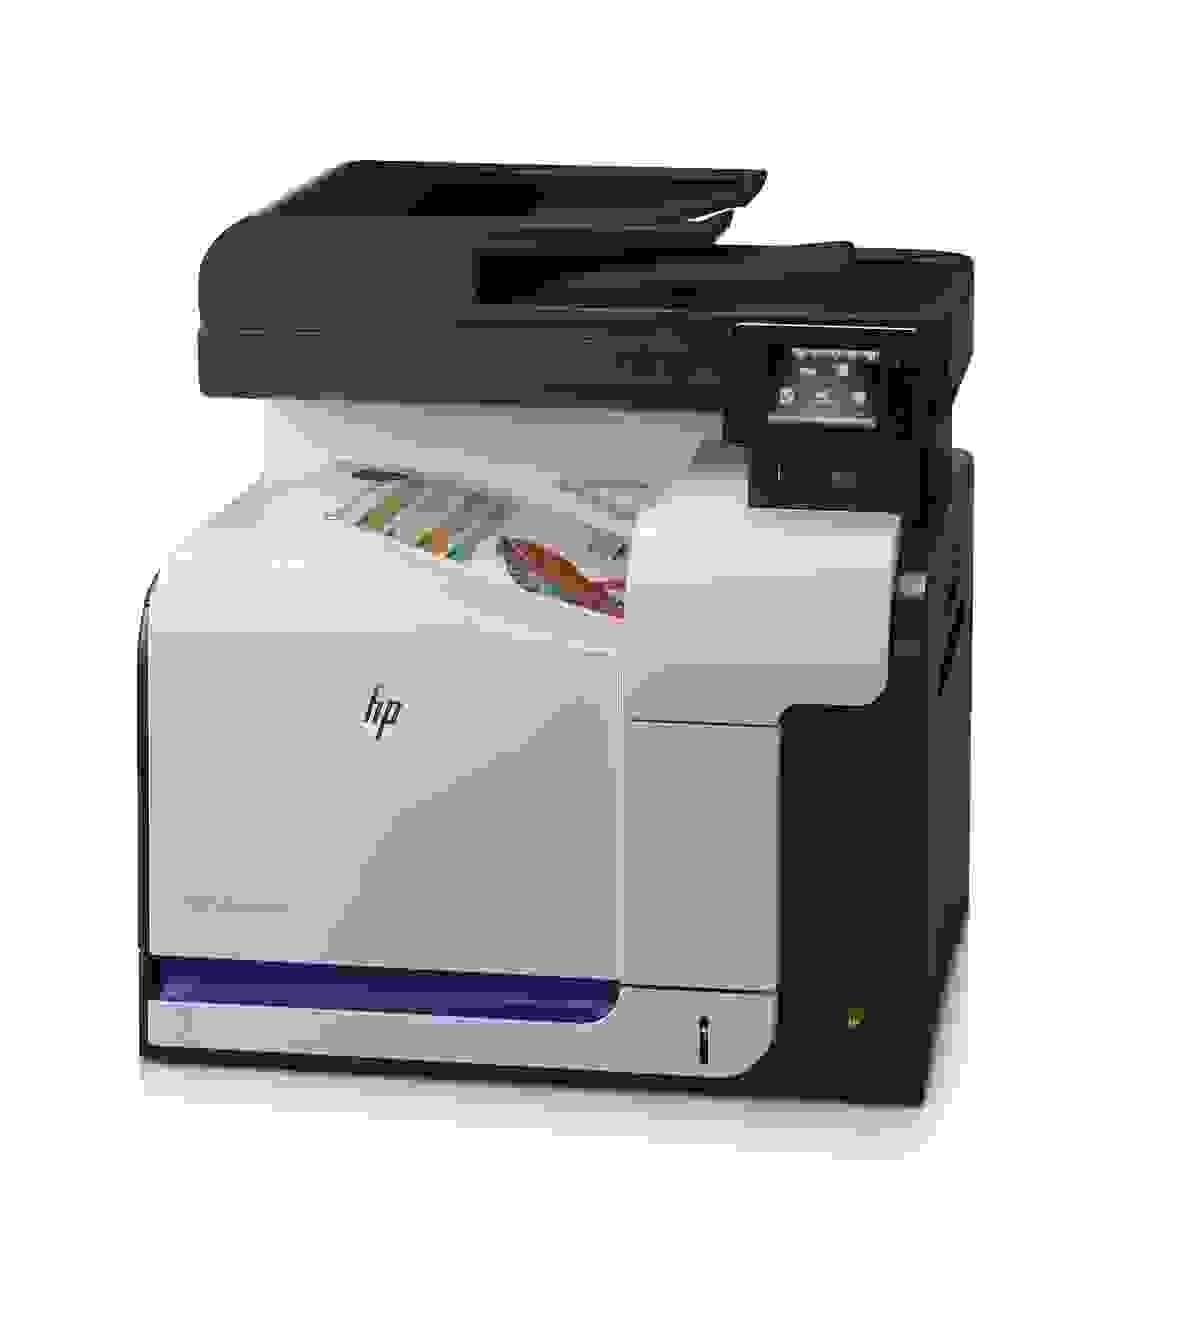 HP LaserJet Pro 500 color MFP M570dn (CZ271A) színes nagy teljesítményű multifunkciós lézernyomtató bérlés, bérbeadás 1 napra